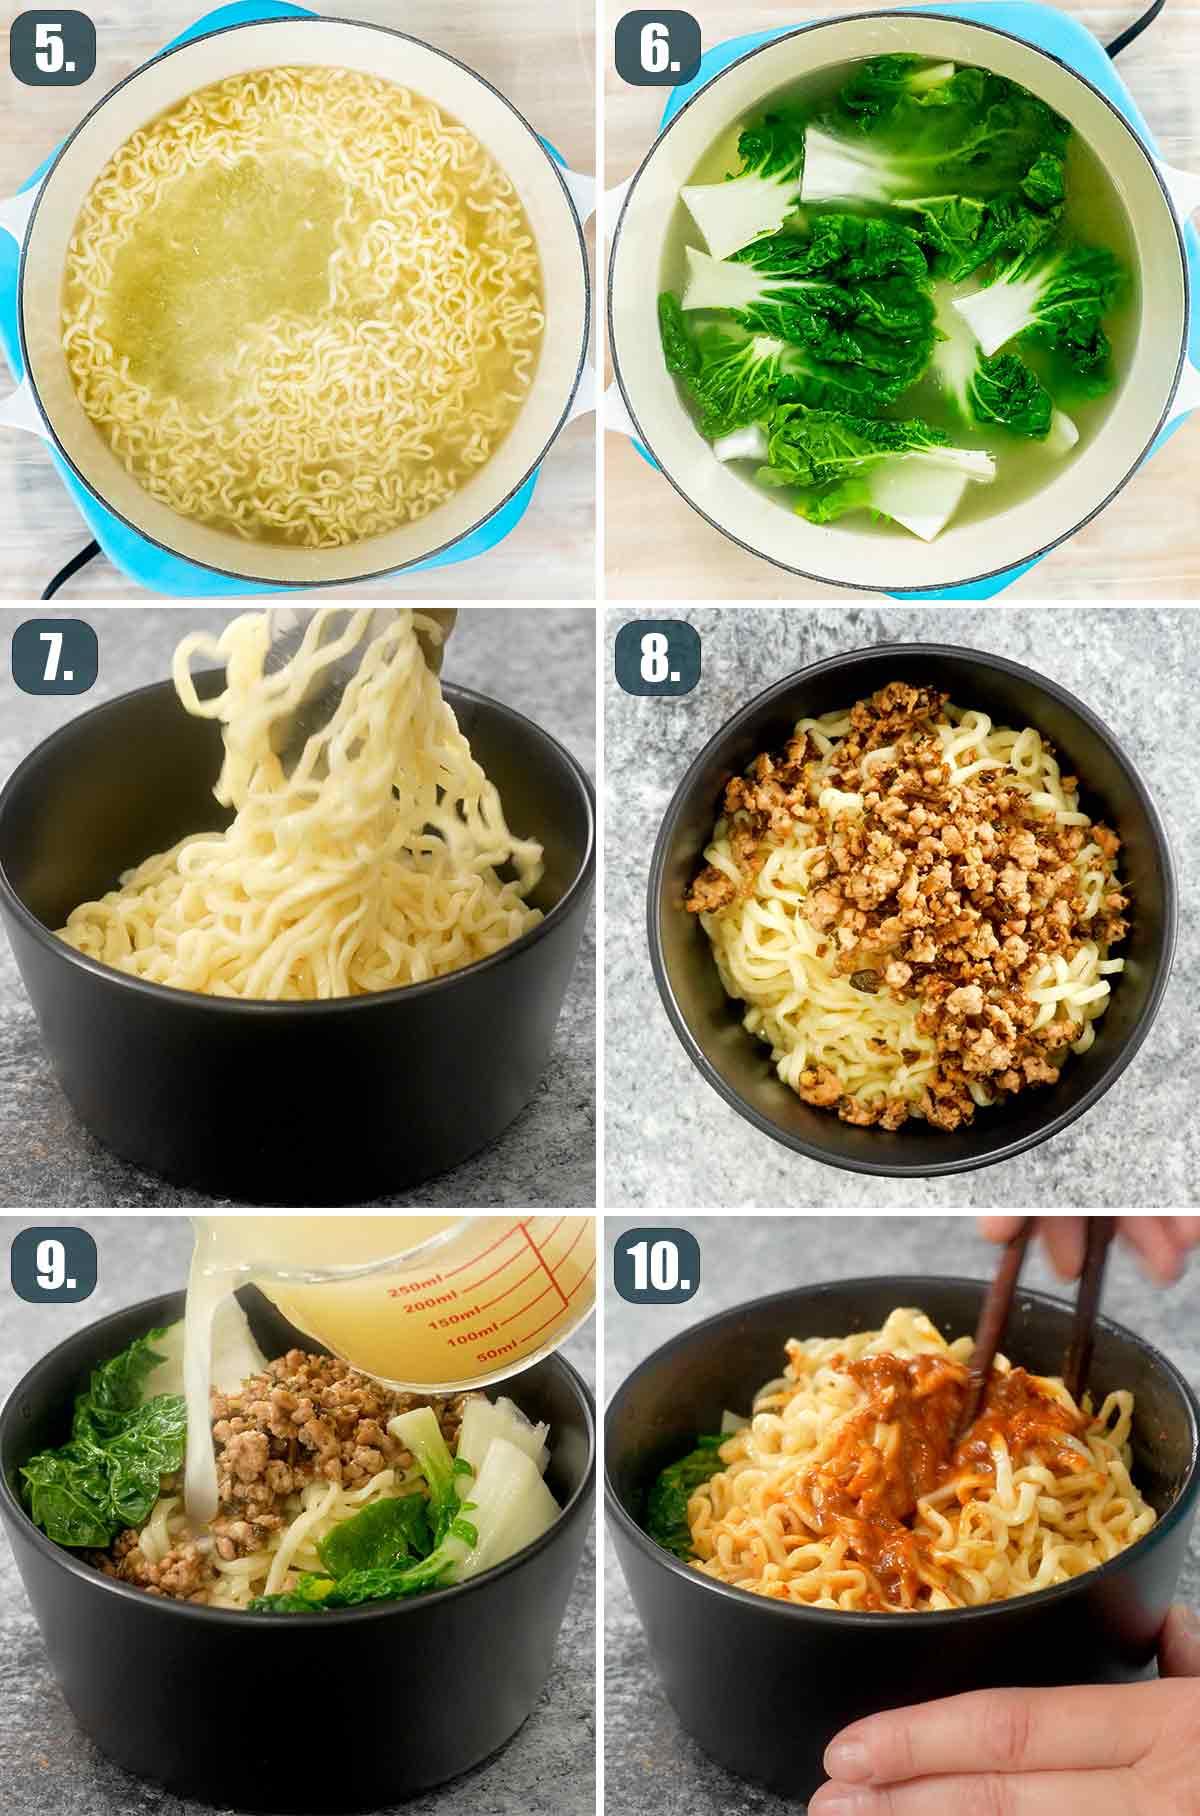 detailed process shots showing how to assemble dan dan noodles.